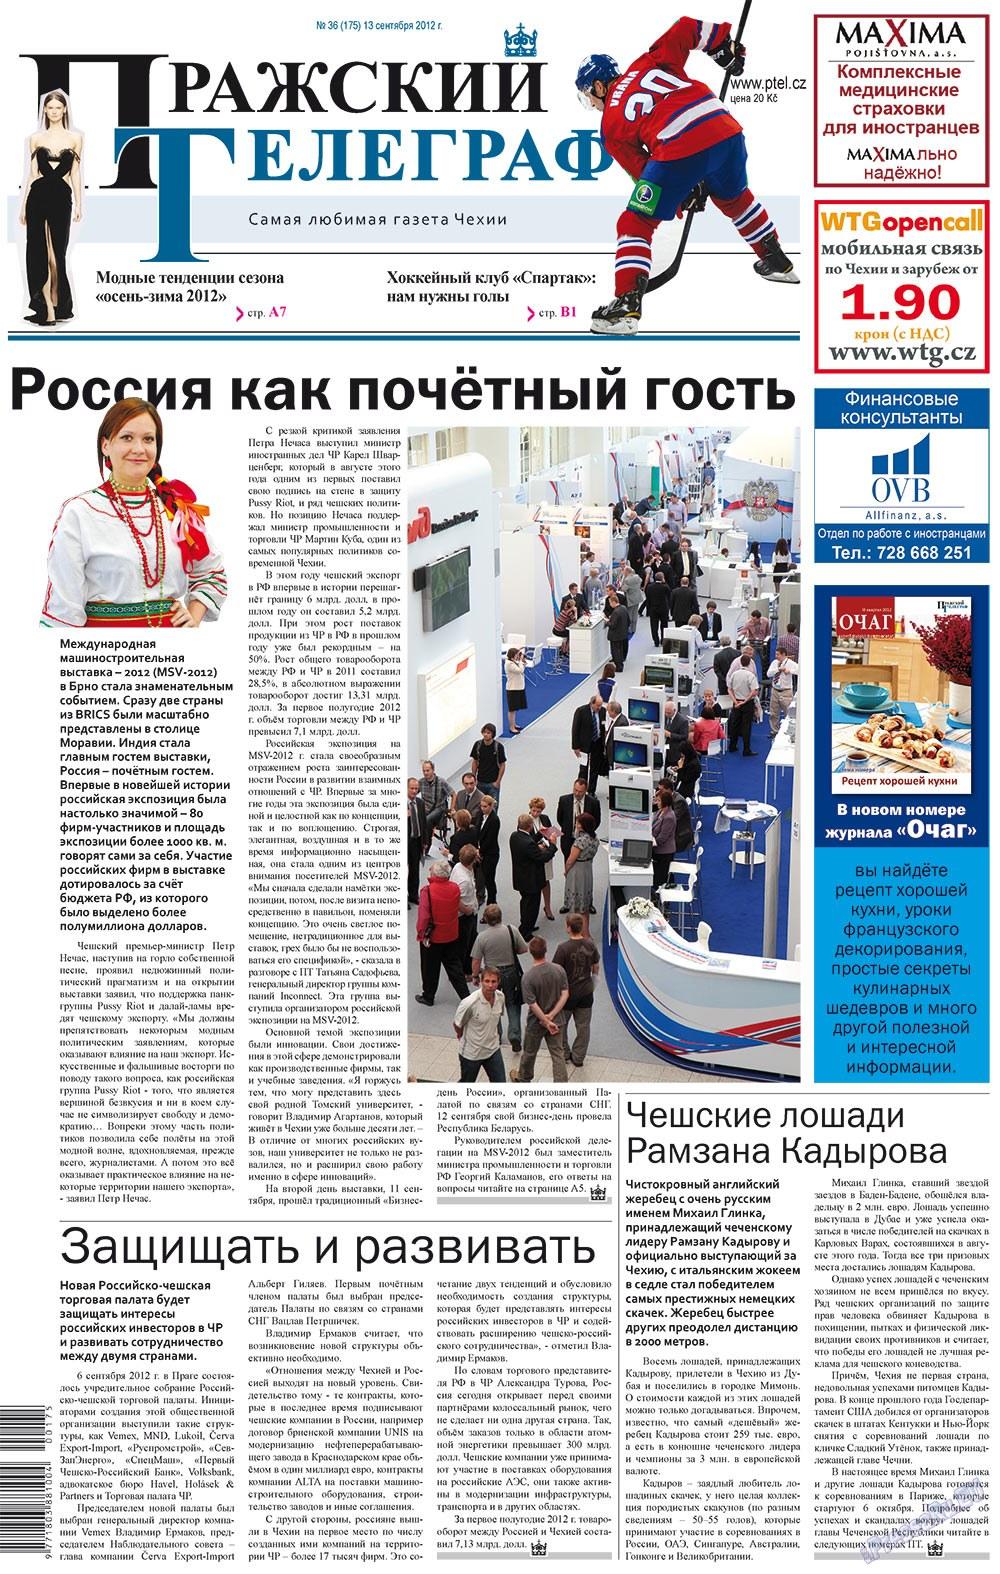 Пражский телеграф (газета). 2012 год, номер 36, стр. 1